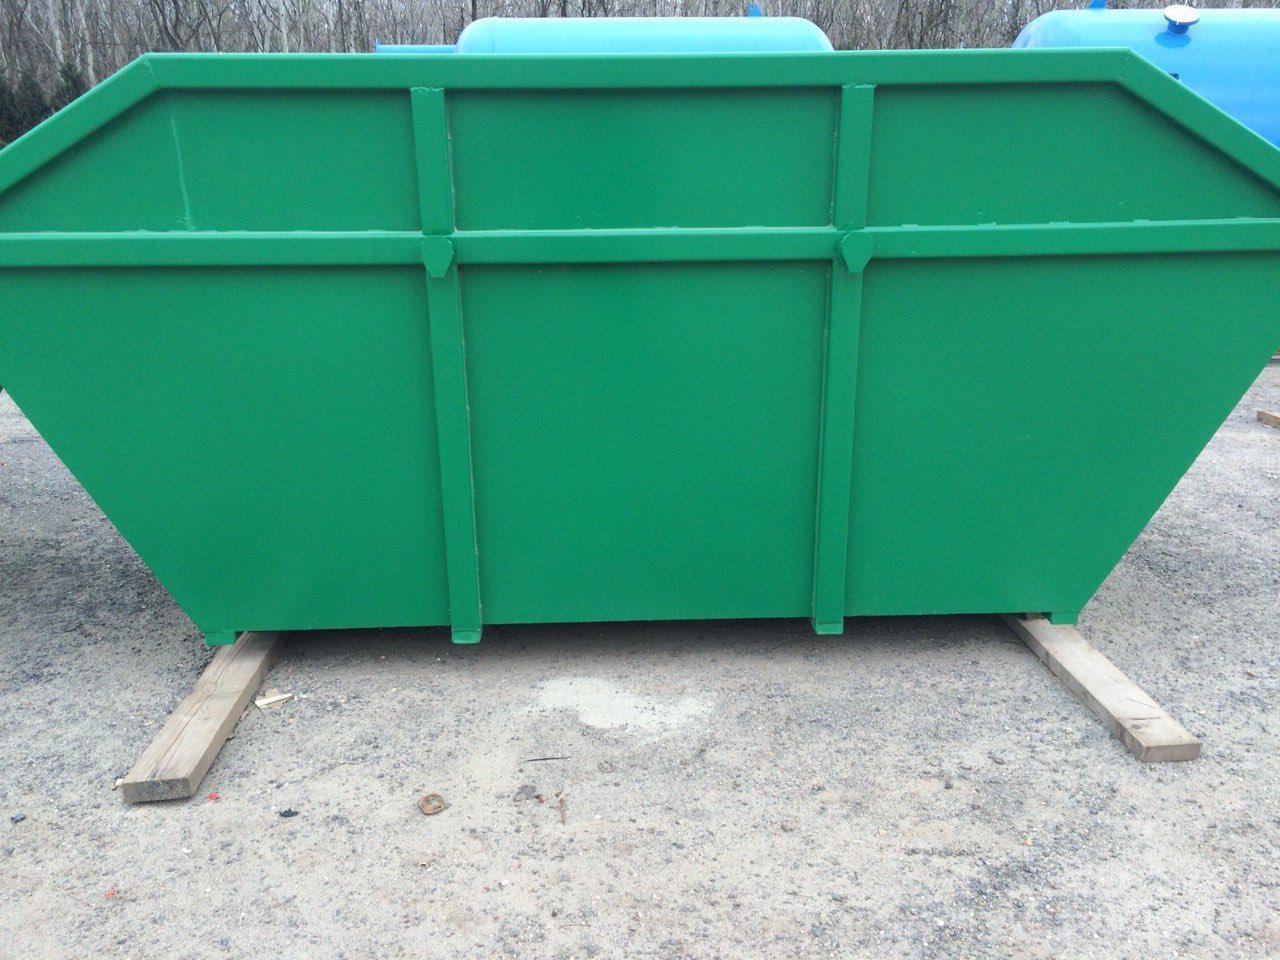 berkeczi-kft-szemetes-kontener-gyartas-05 (1)